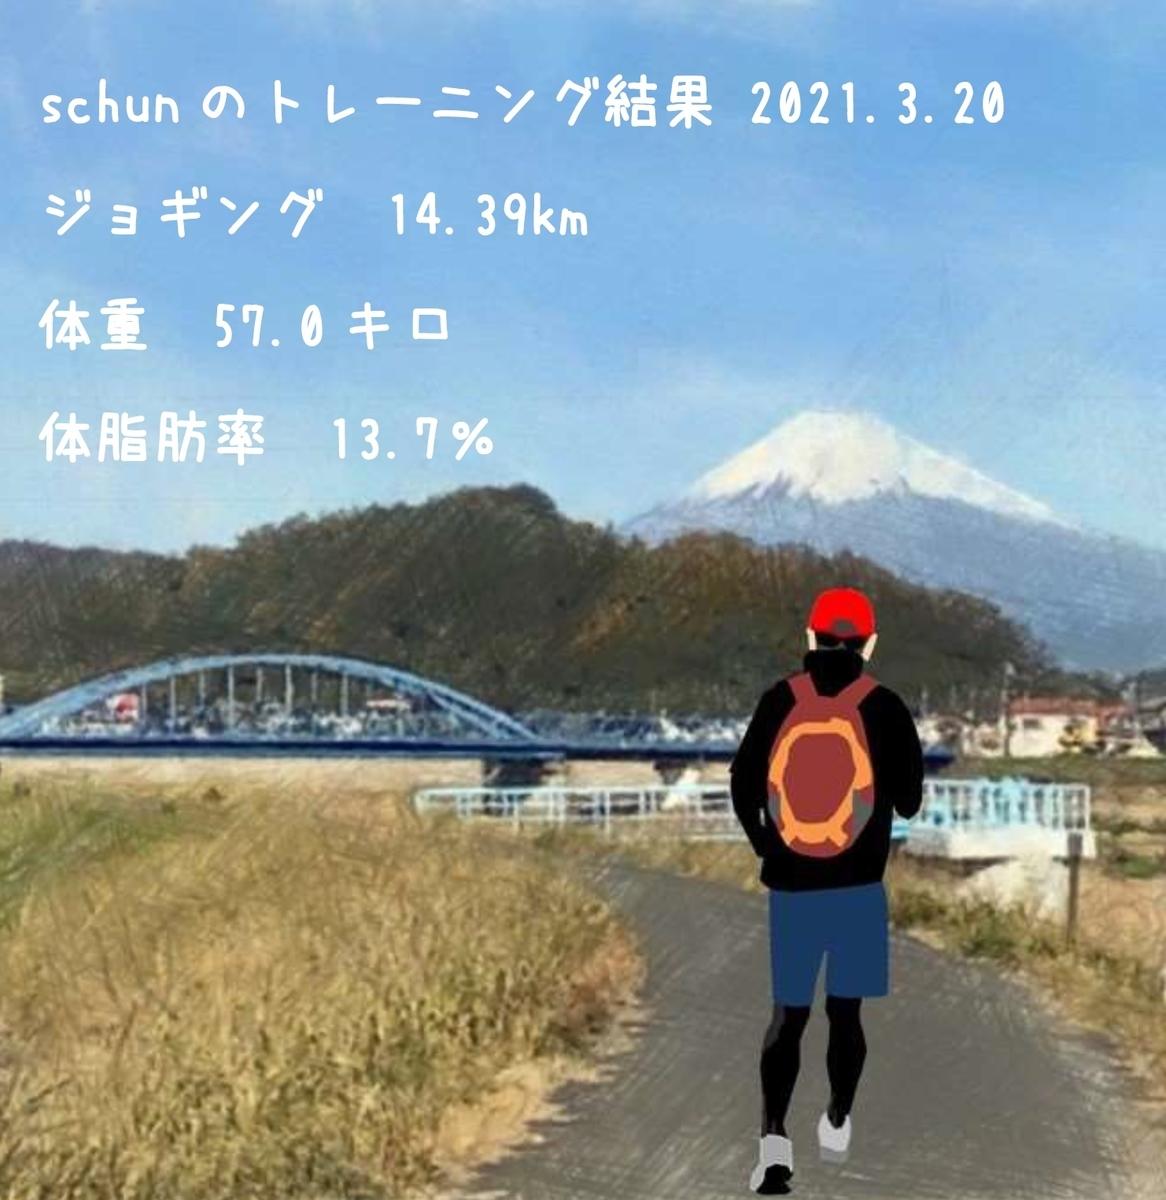 f:id:schunchi2007:20210321183839j:plain